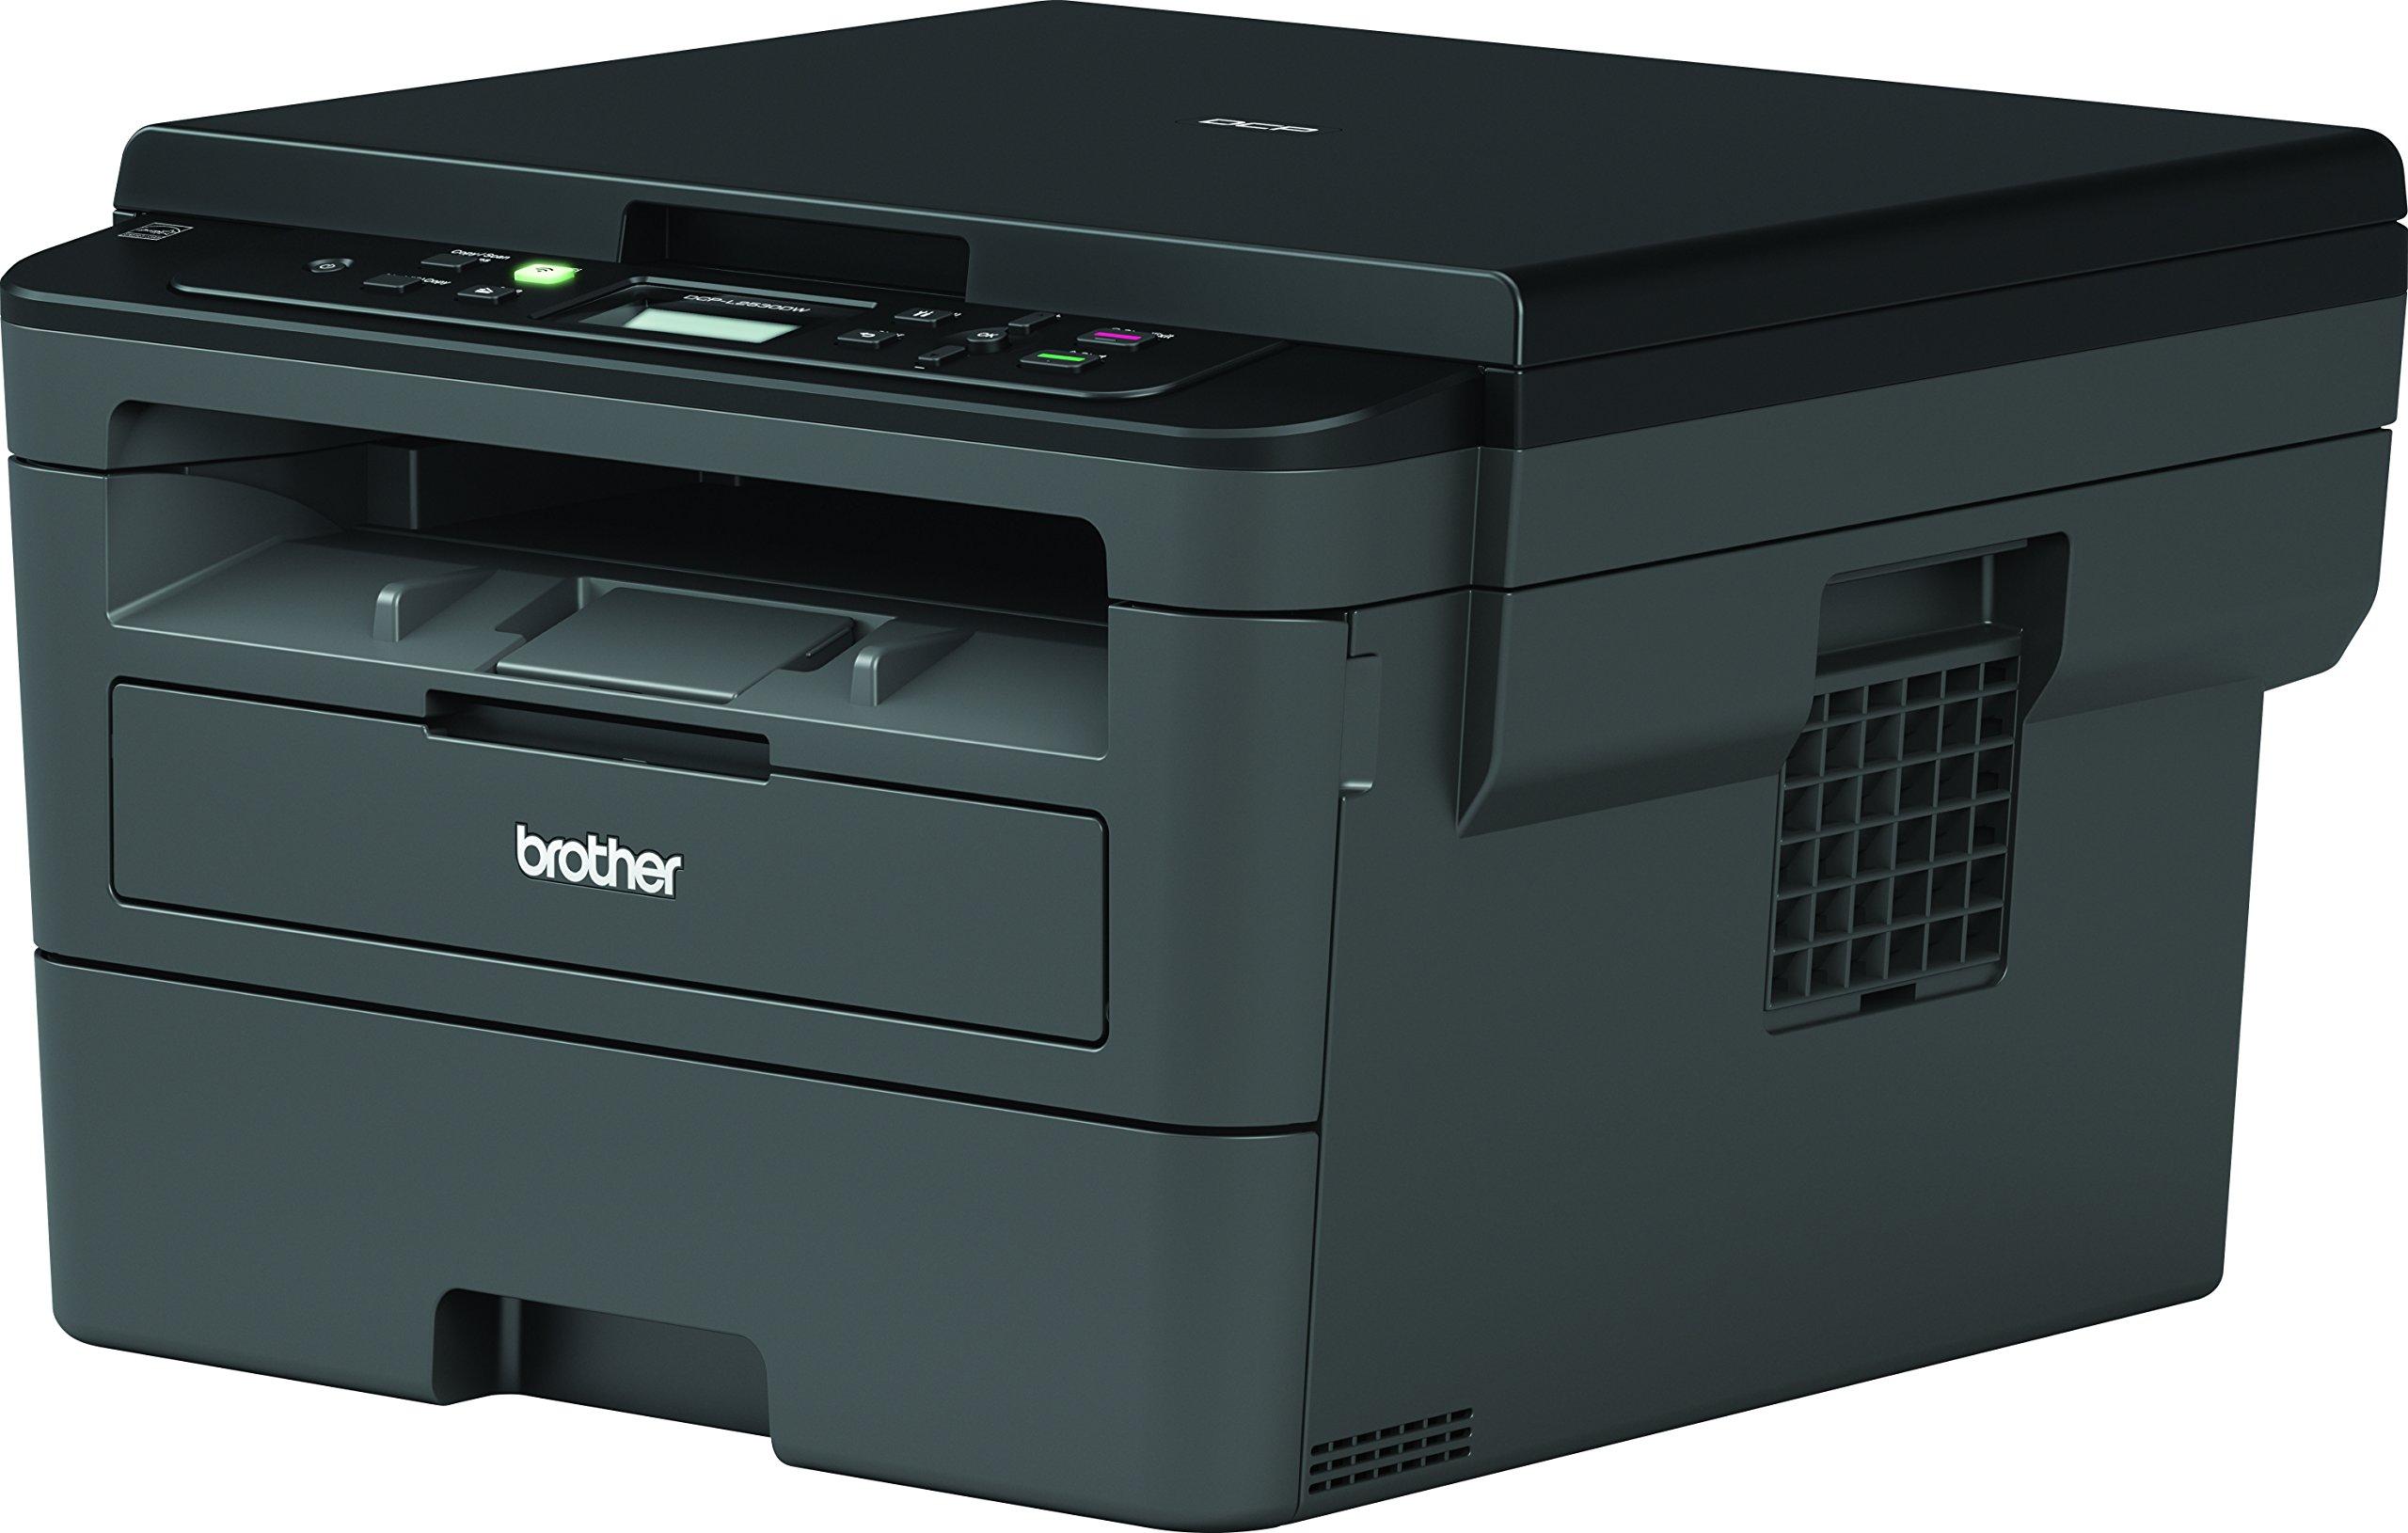 Brother DCPL2530DW - Impresora multifunción láser monocromo ...